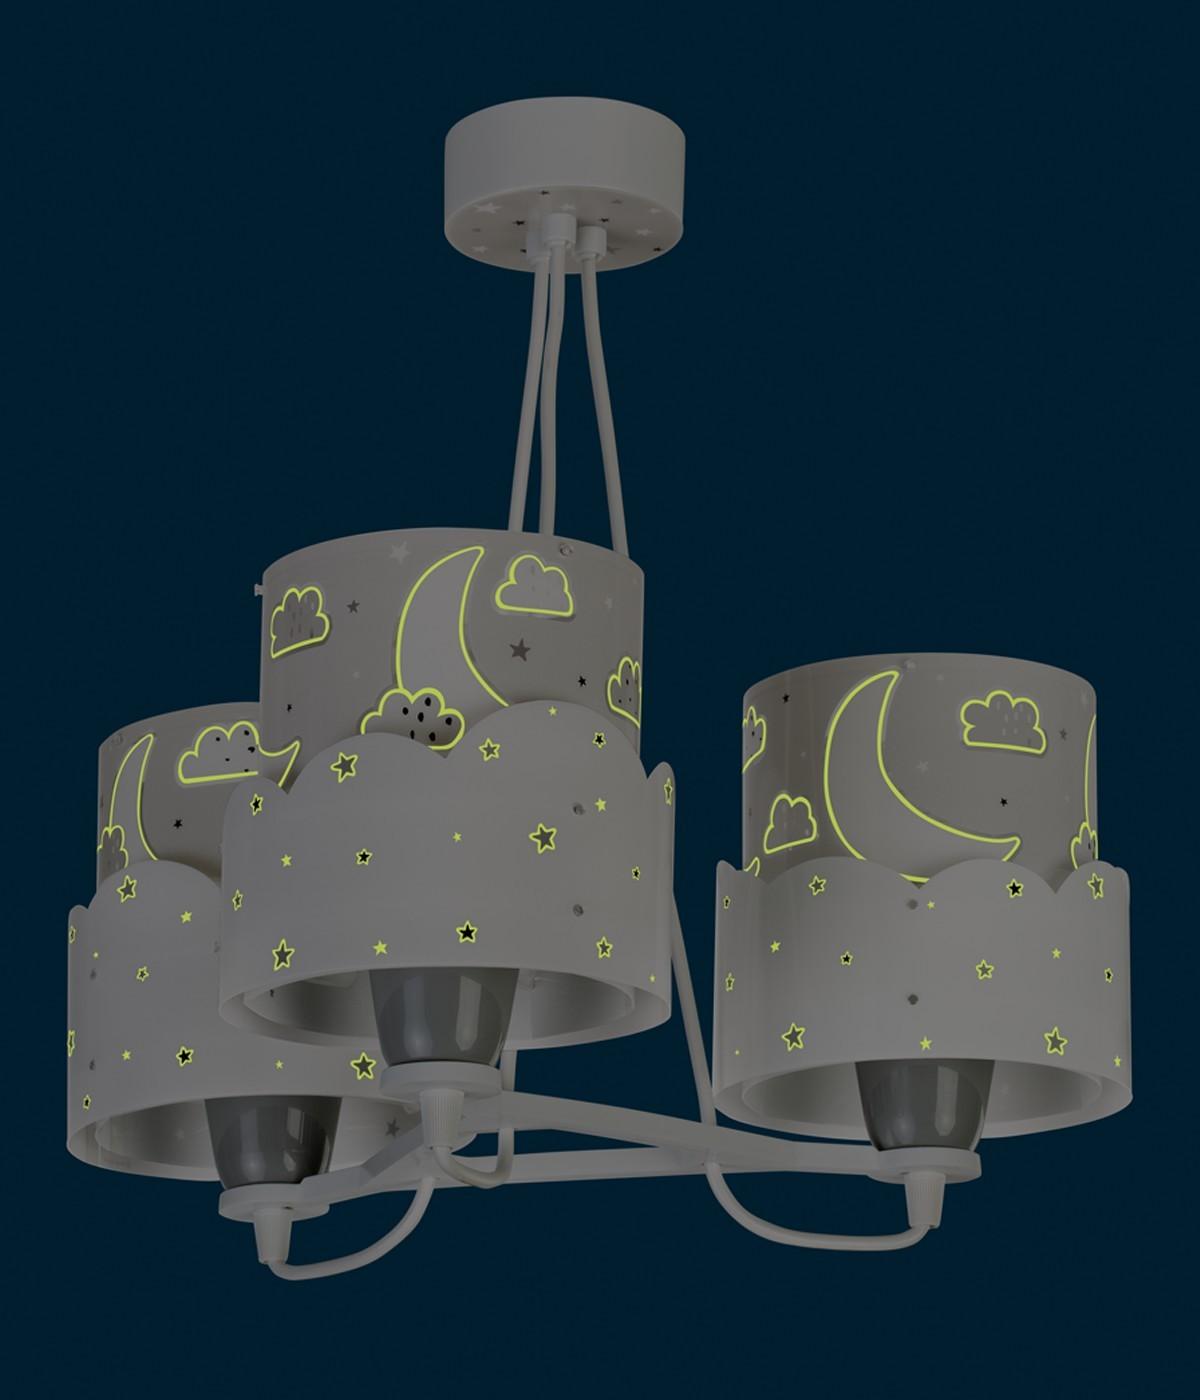 Candeeiro infantil de tecto três luzesMoon cinza